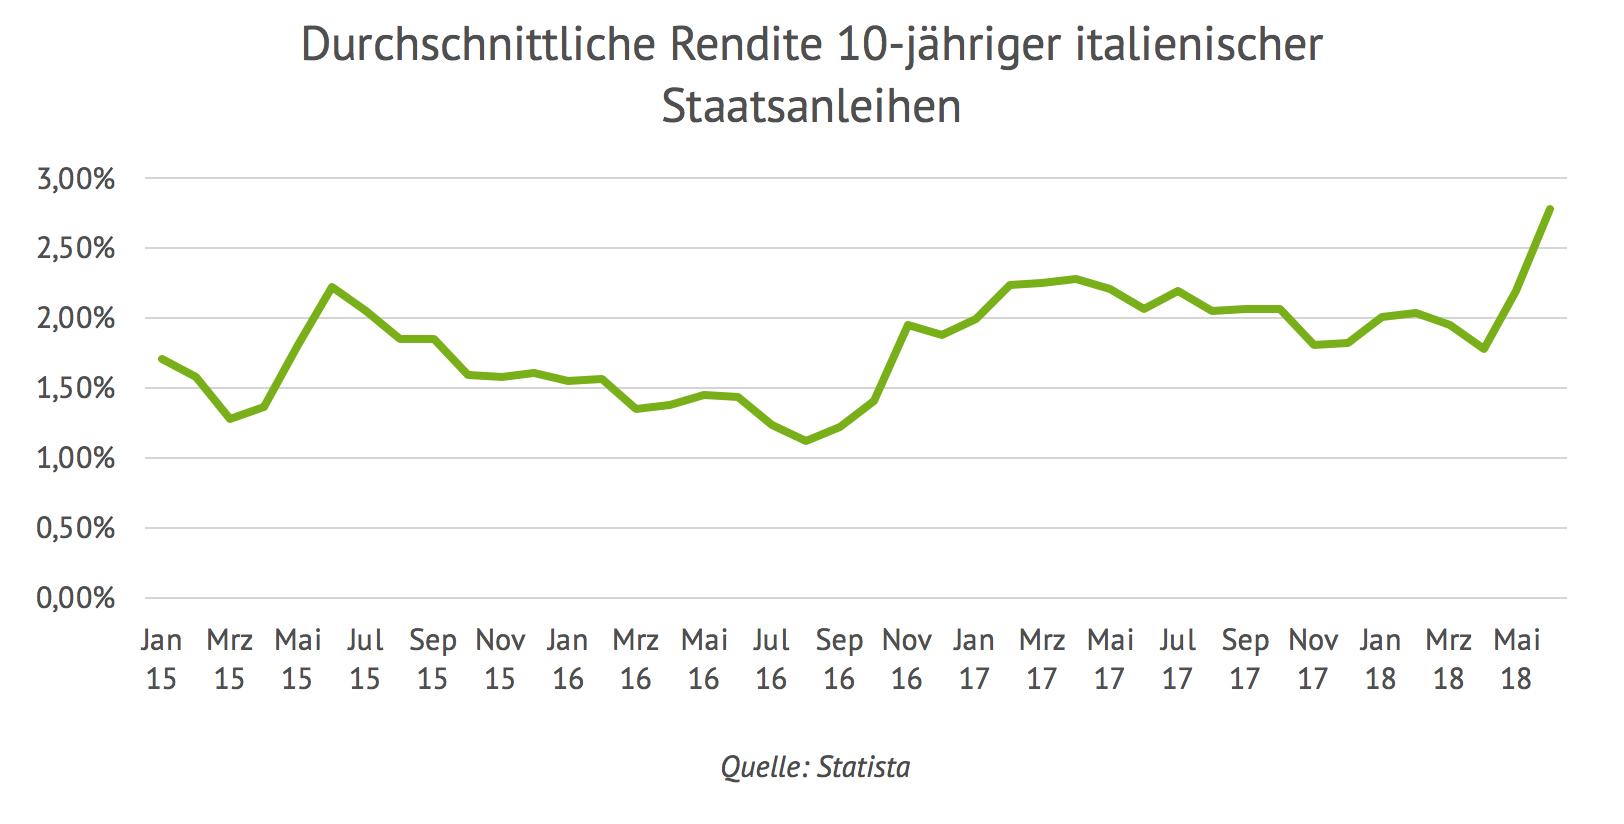 Durchschnittliche Rendite 10-jähriger italienischer Staatsanleihen